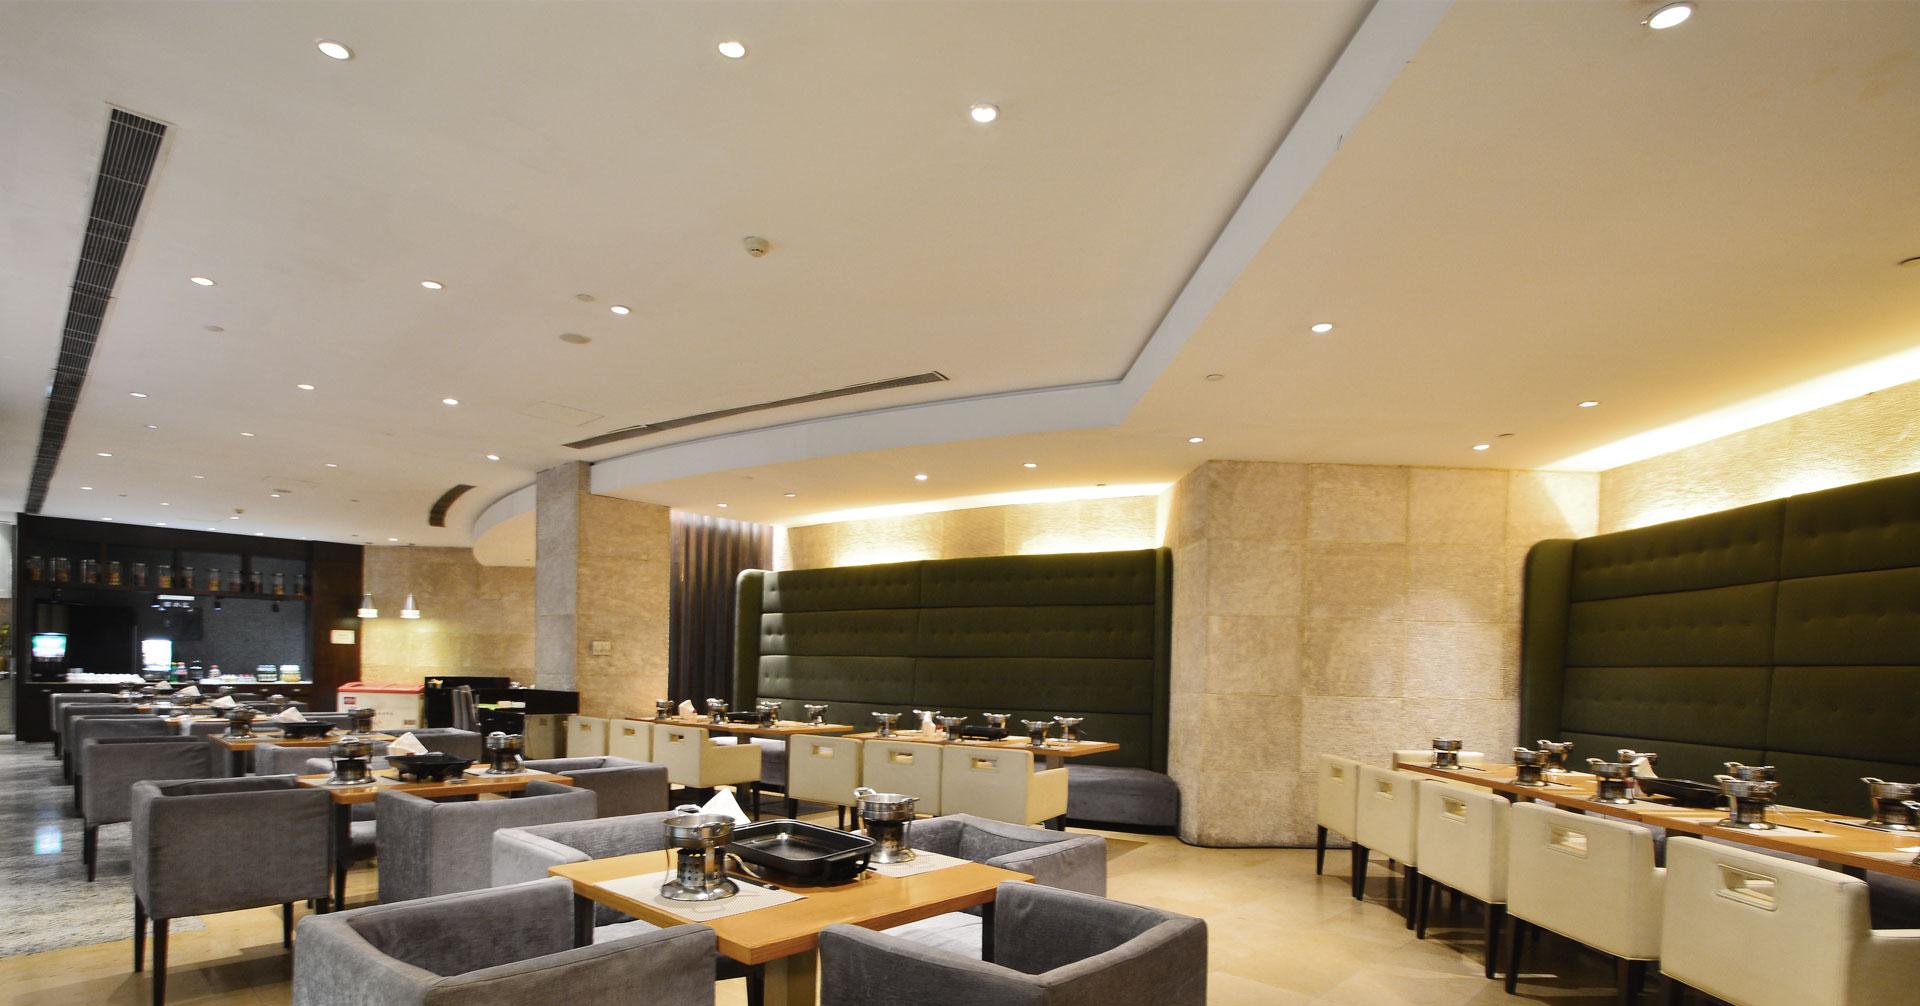 Dl22 cob led recessed downlights upshine lighting for Living room 2700k or 3000k